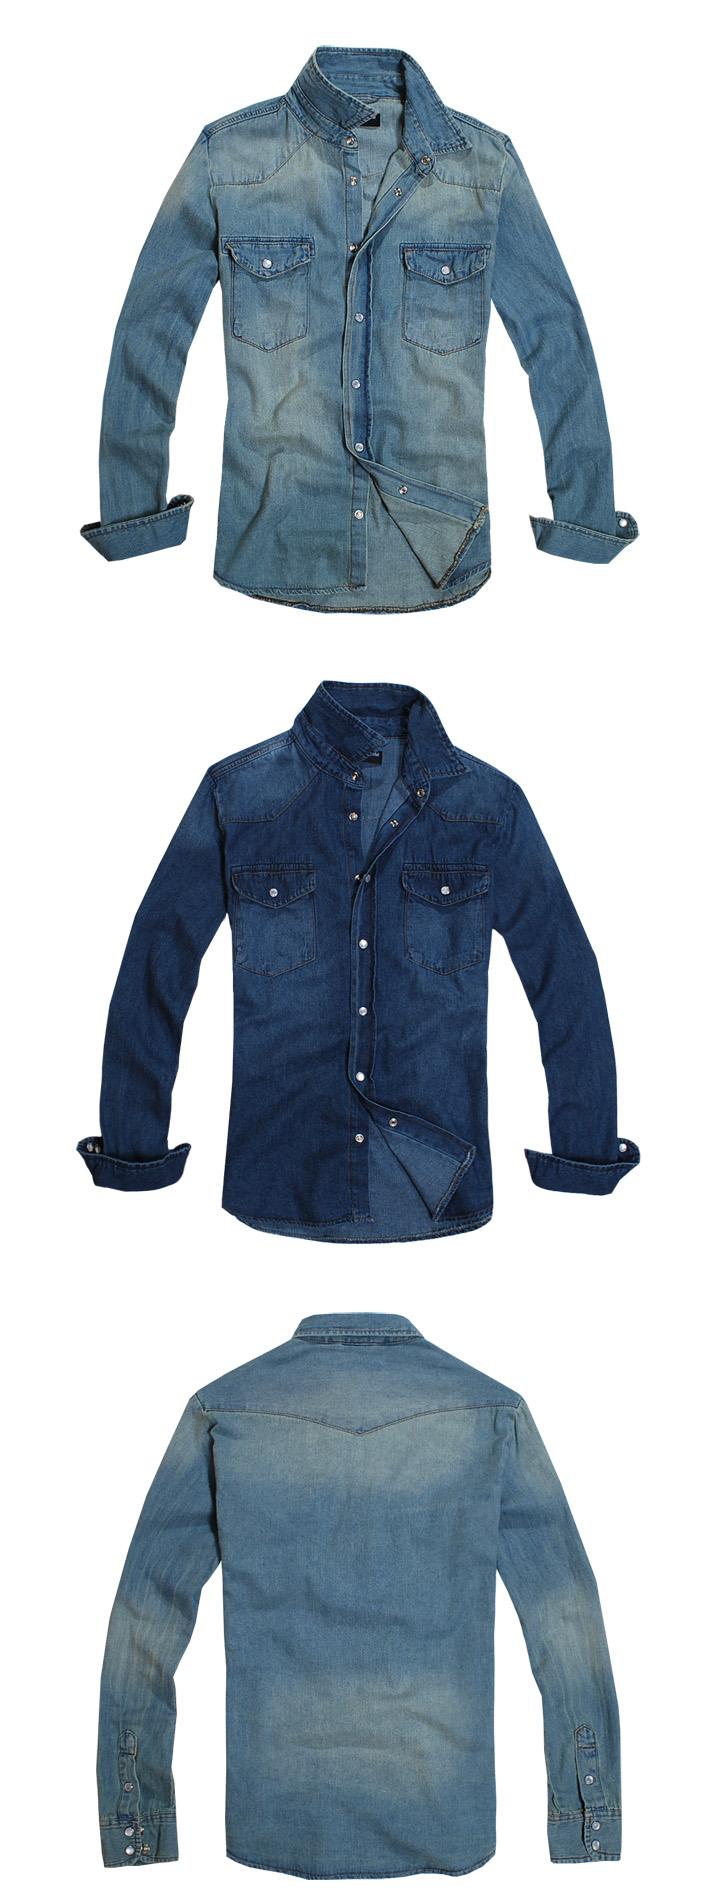 เสื้อเชิ้ตยีนส์แขนยาว สไตล์ยุโรป ผ้ายีนส์ฟอก สีฟ้า No.38